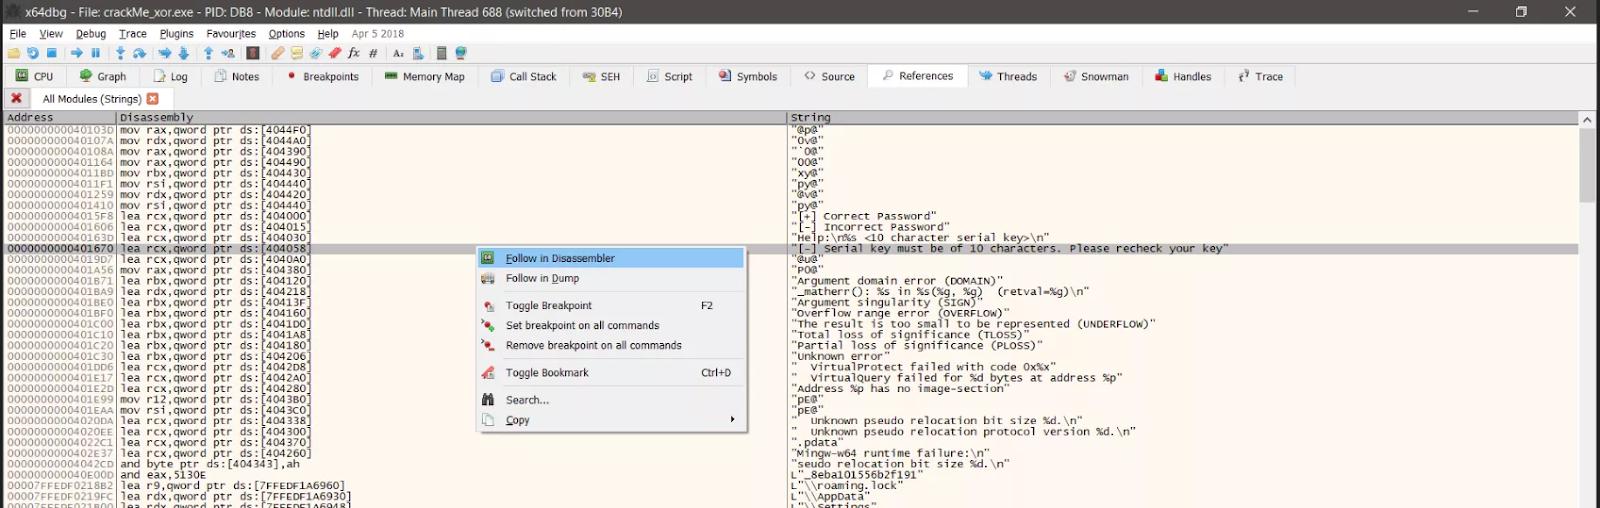 Kỹ thuật dịch ngược cho người mới bắt đầu - Mã hóa  XOR - Windows x64  - Ảnh 4.